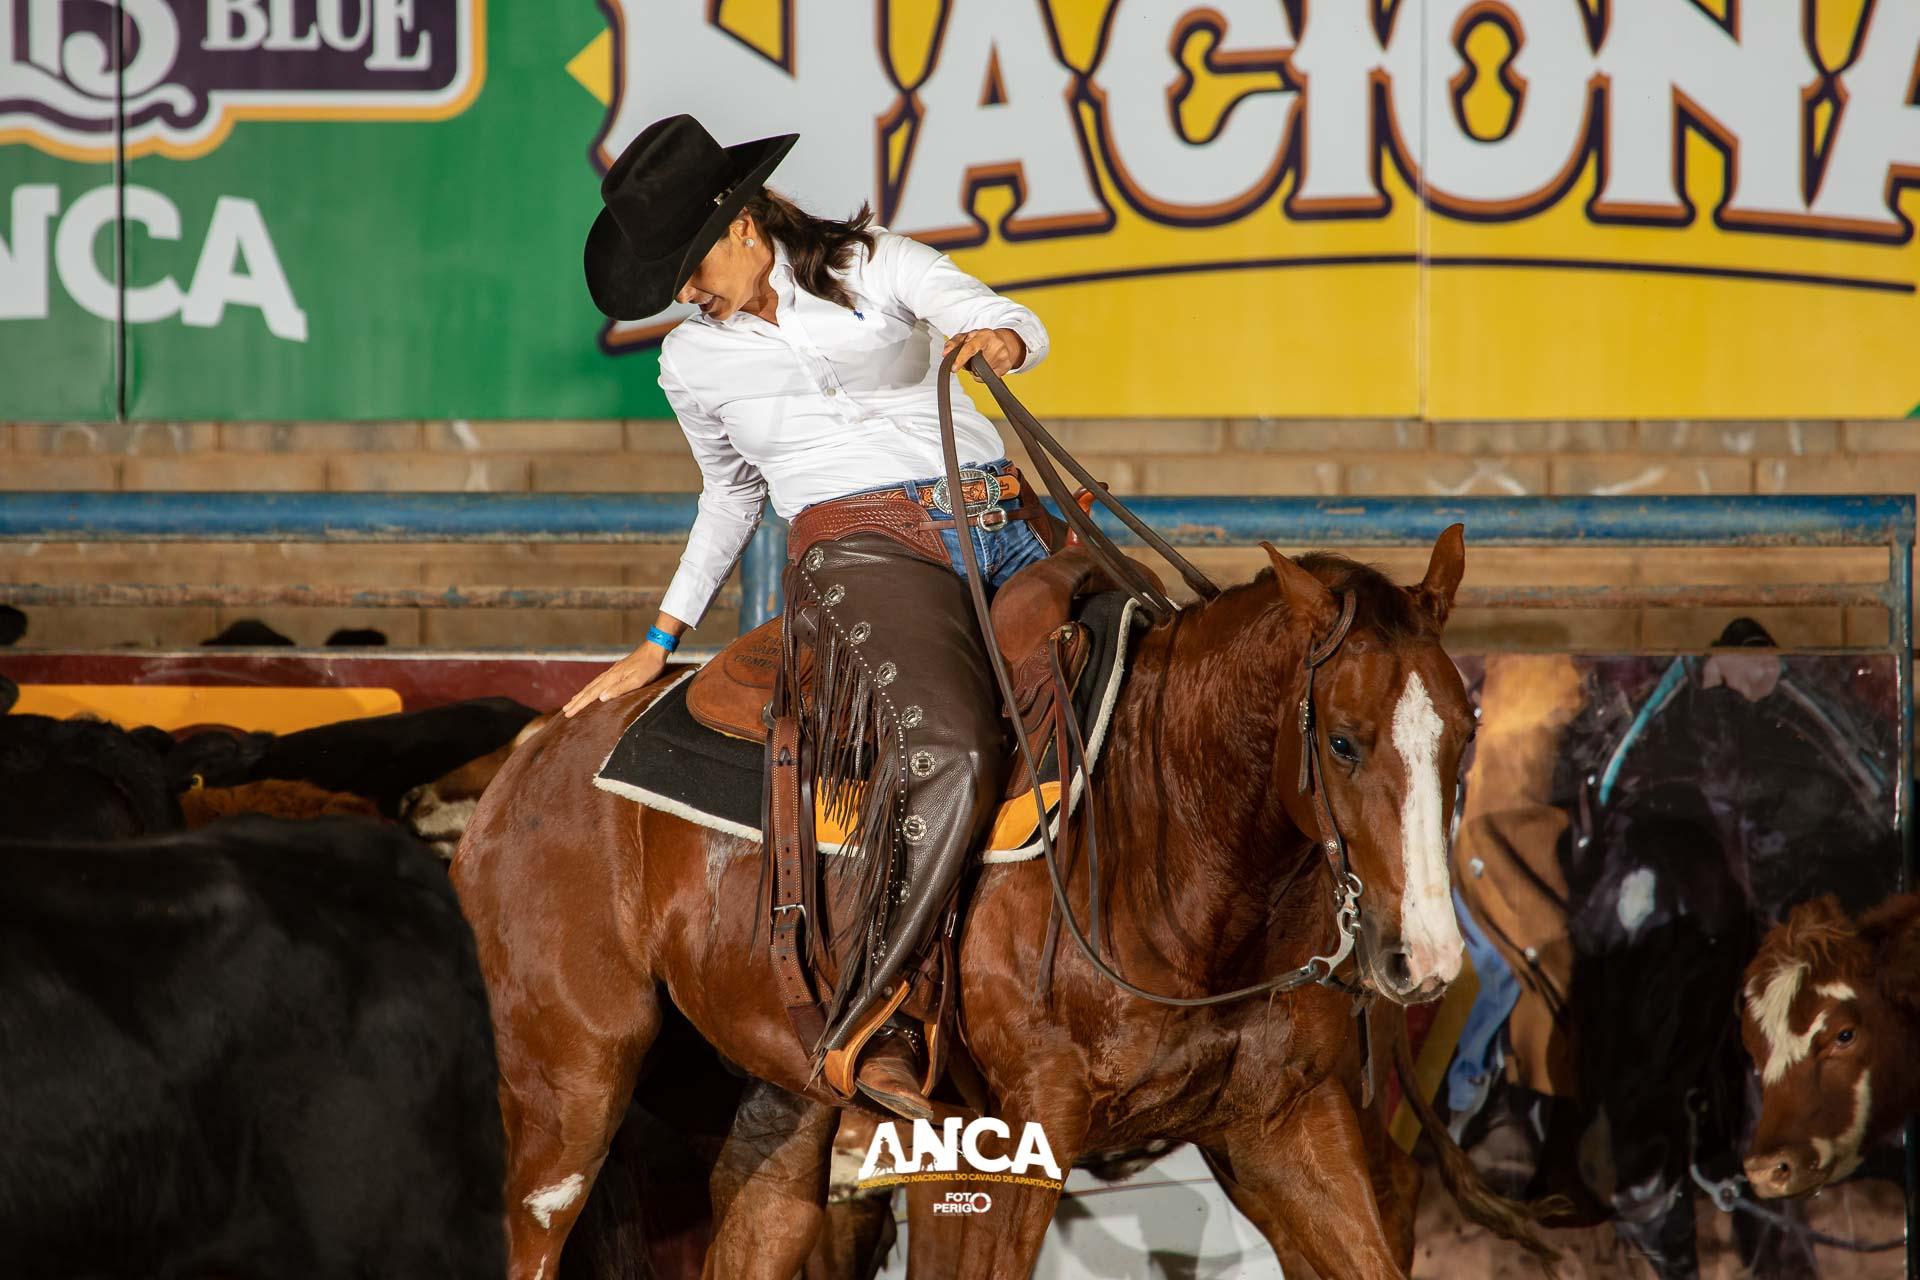 Cavalo do Ano Non Pro ANCA 2020/2021